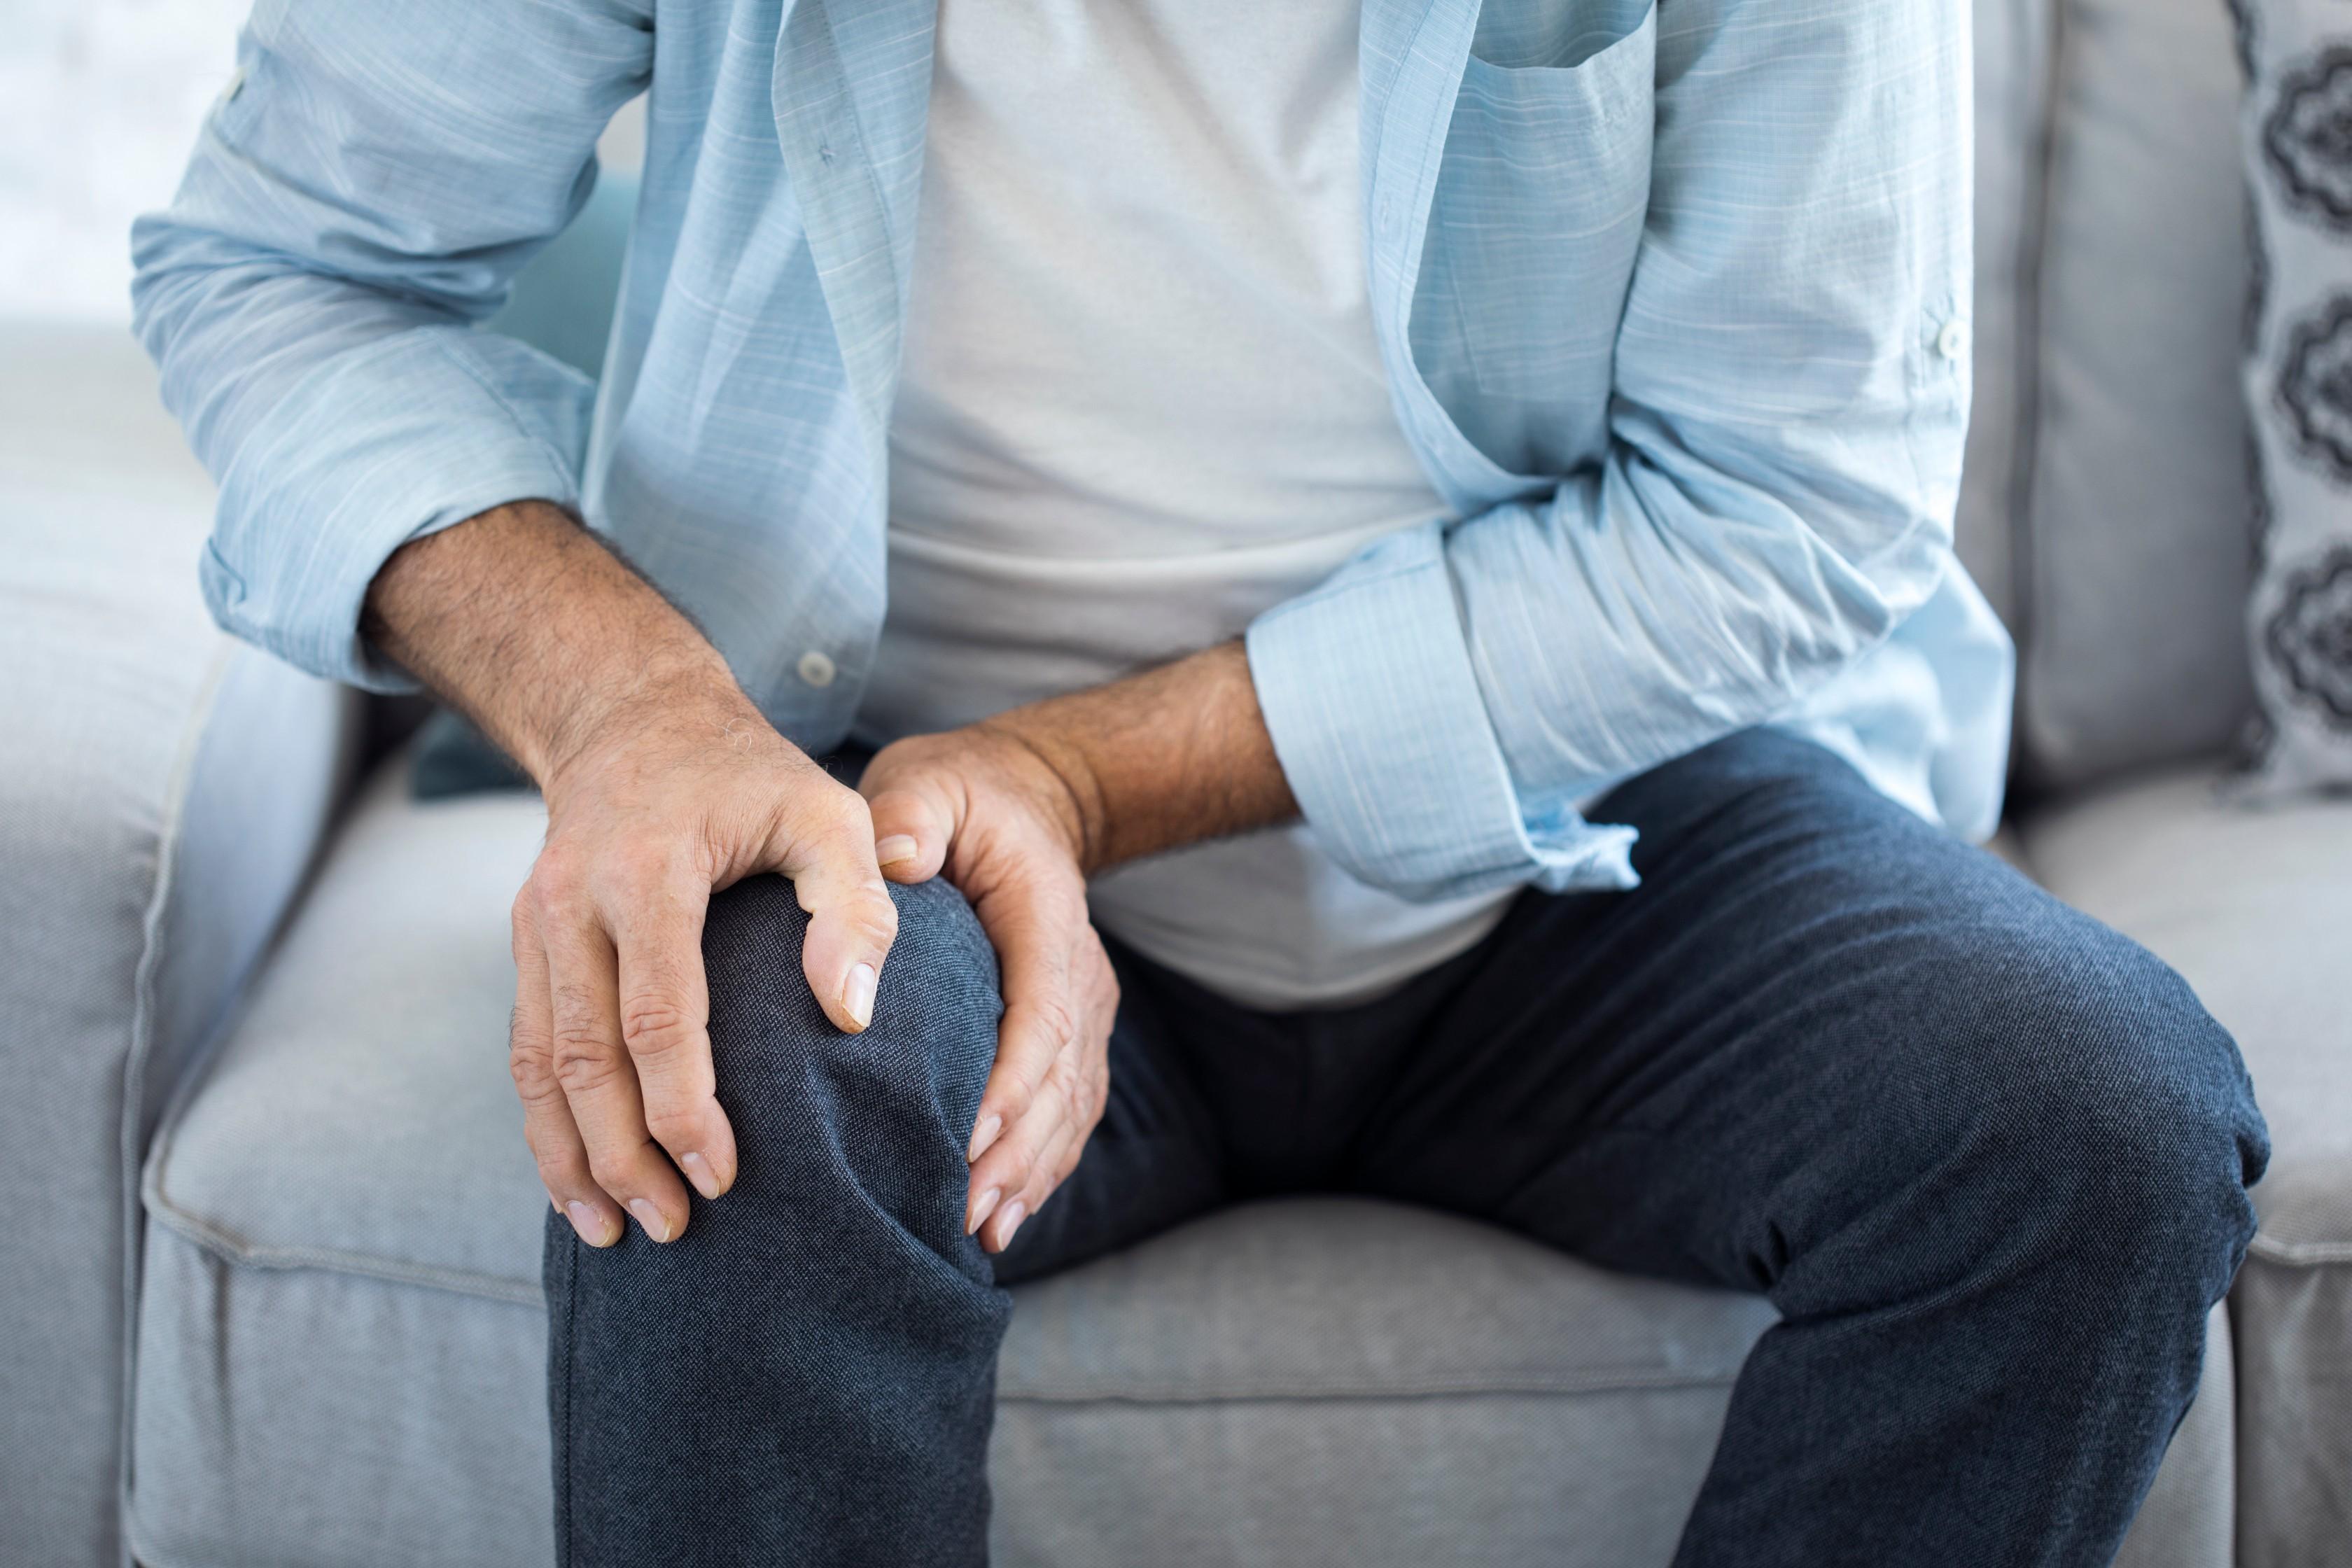 ízületi fájdalomkezelés melyik orvossal)